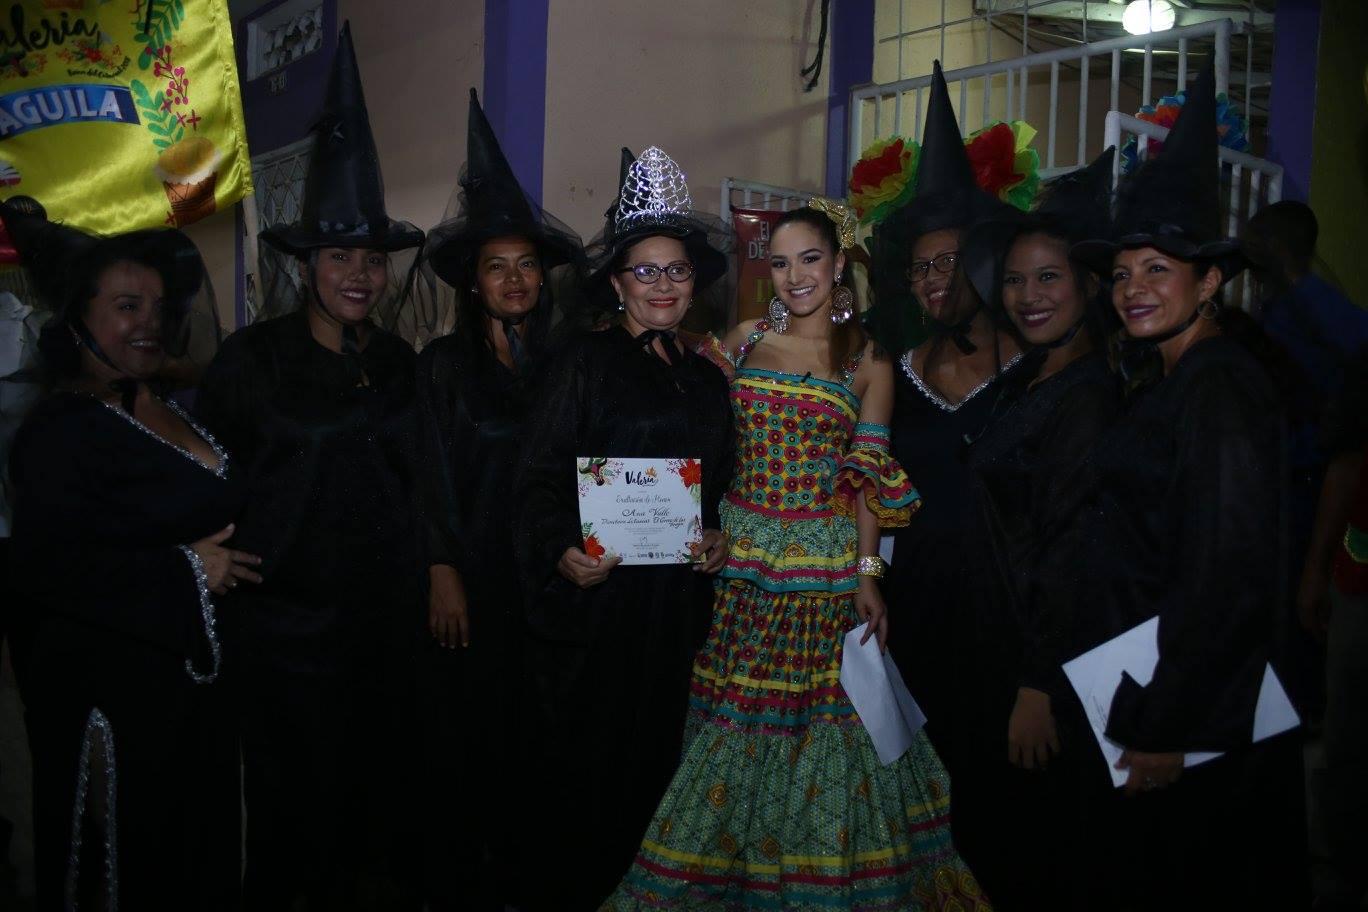 Ana Valle, directora del grupo de letanías El Correo de las Brujas